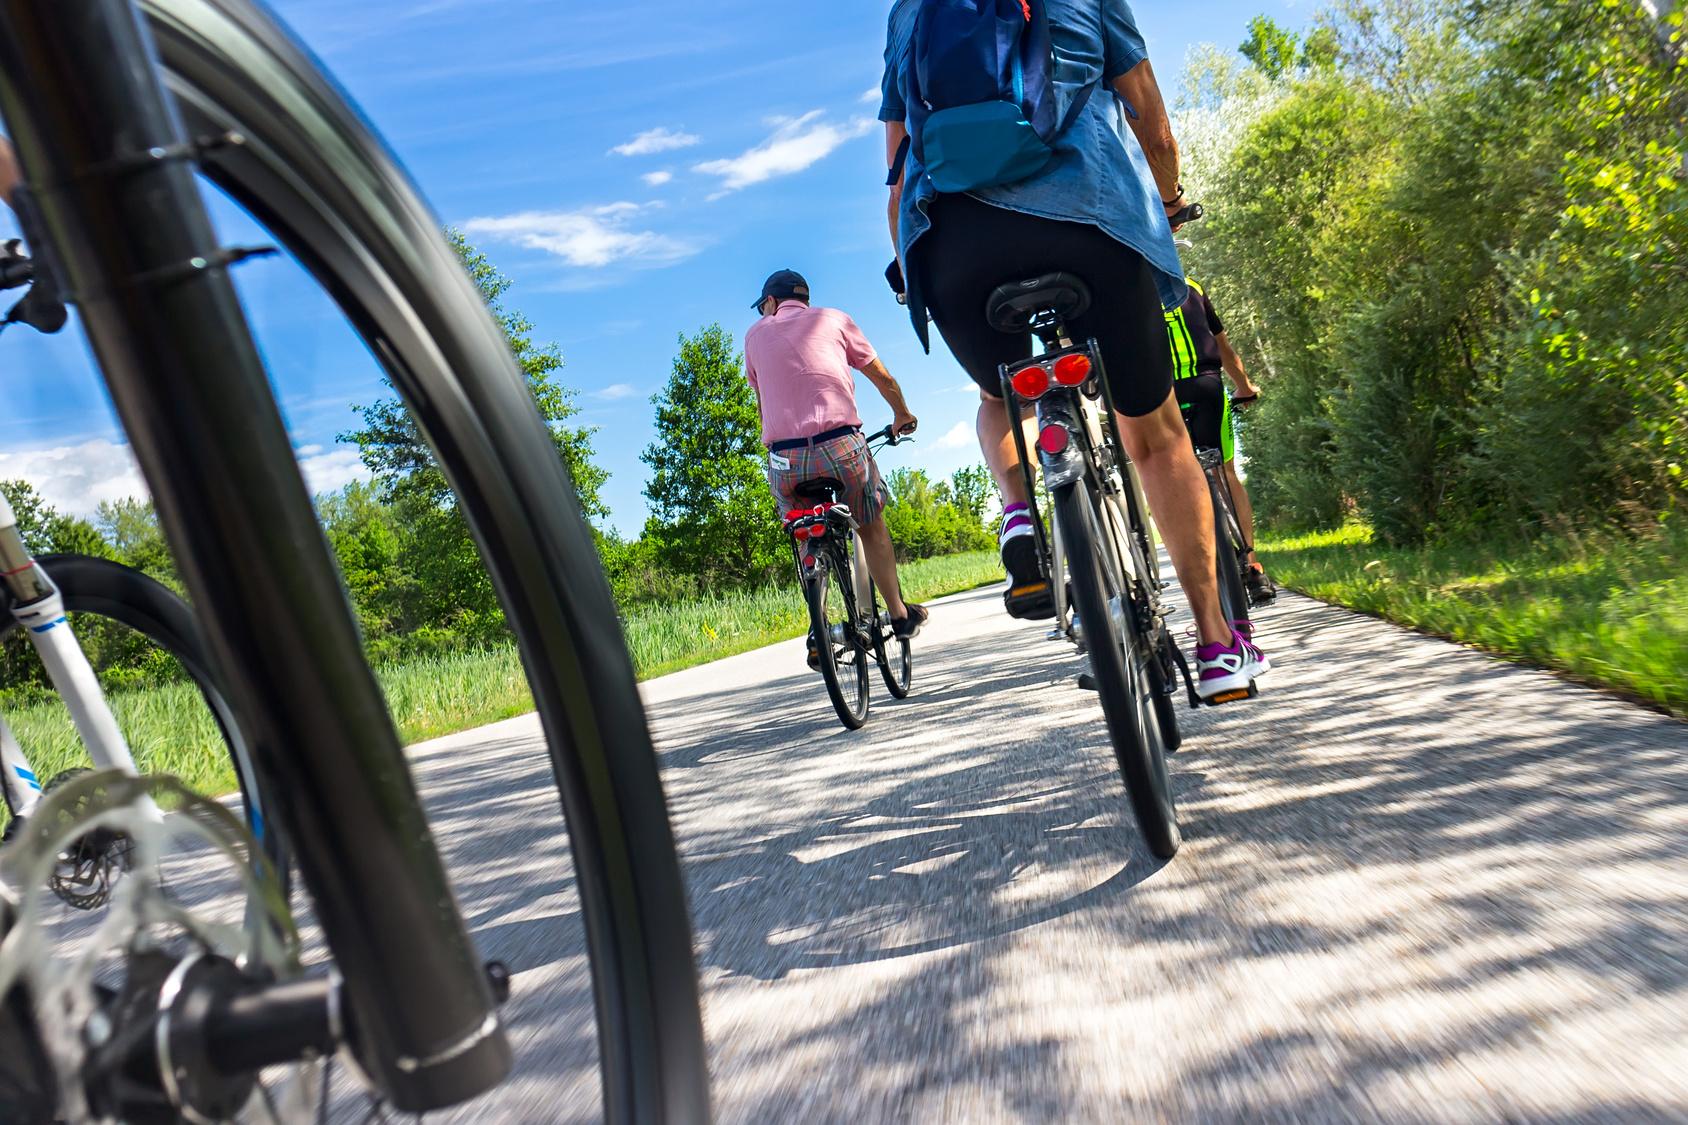 Radfahren auf dem Vulkanradweg im Vogelsberg, Hessen, Deutschland